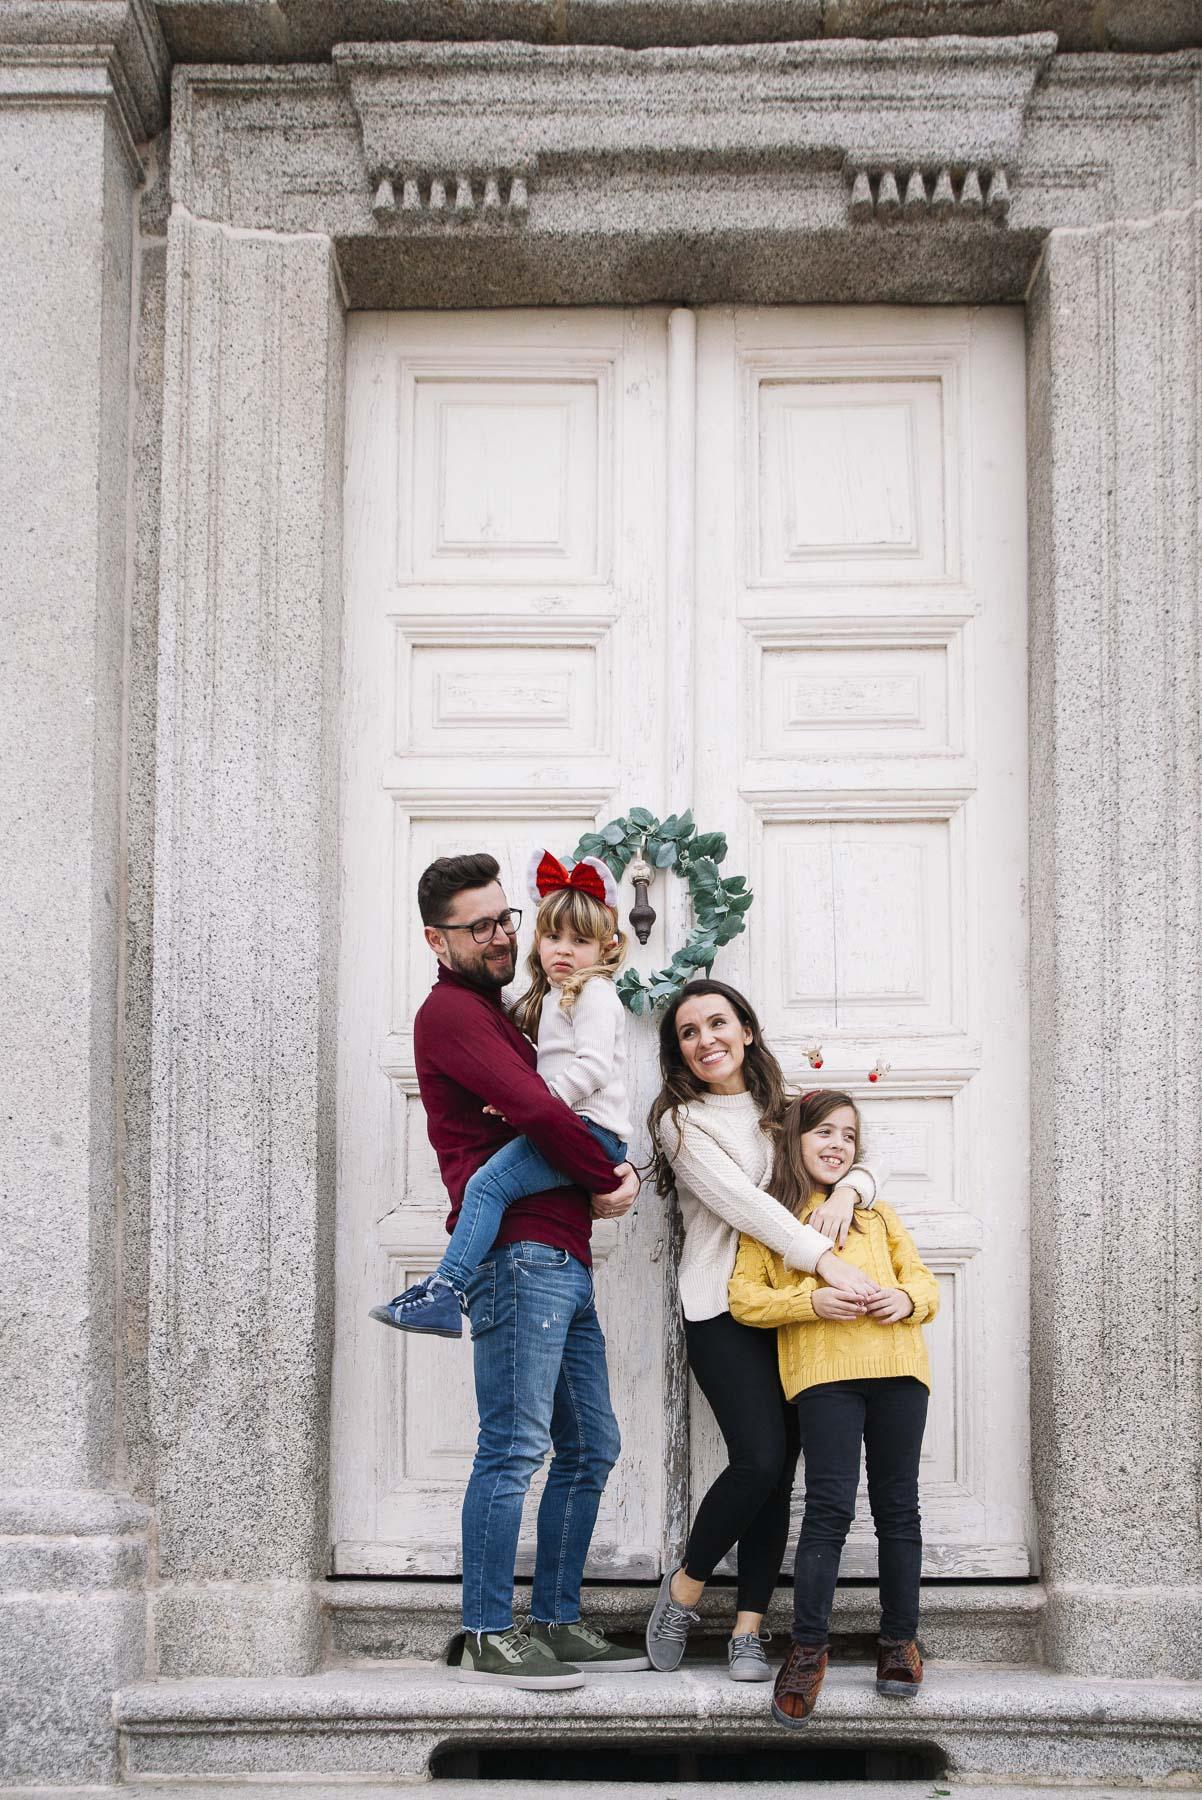 Recursos para hacer tus propias fotos navideñas